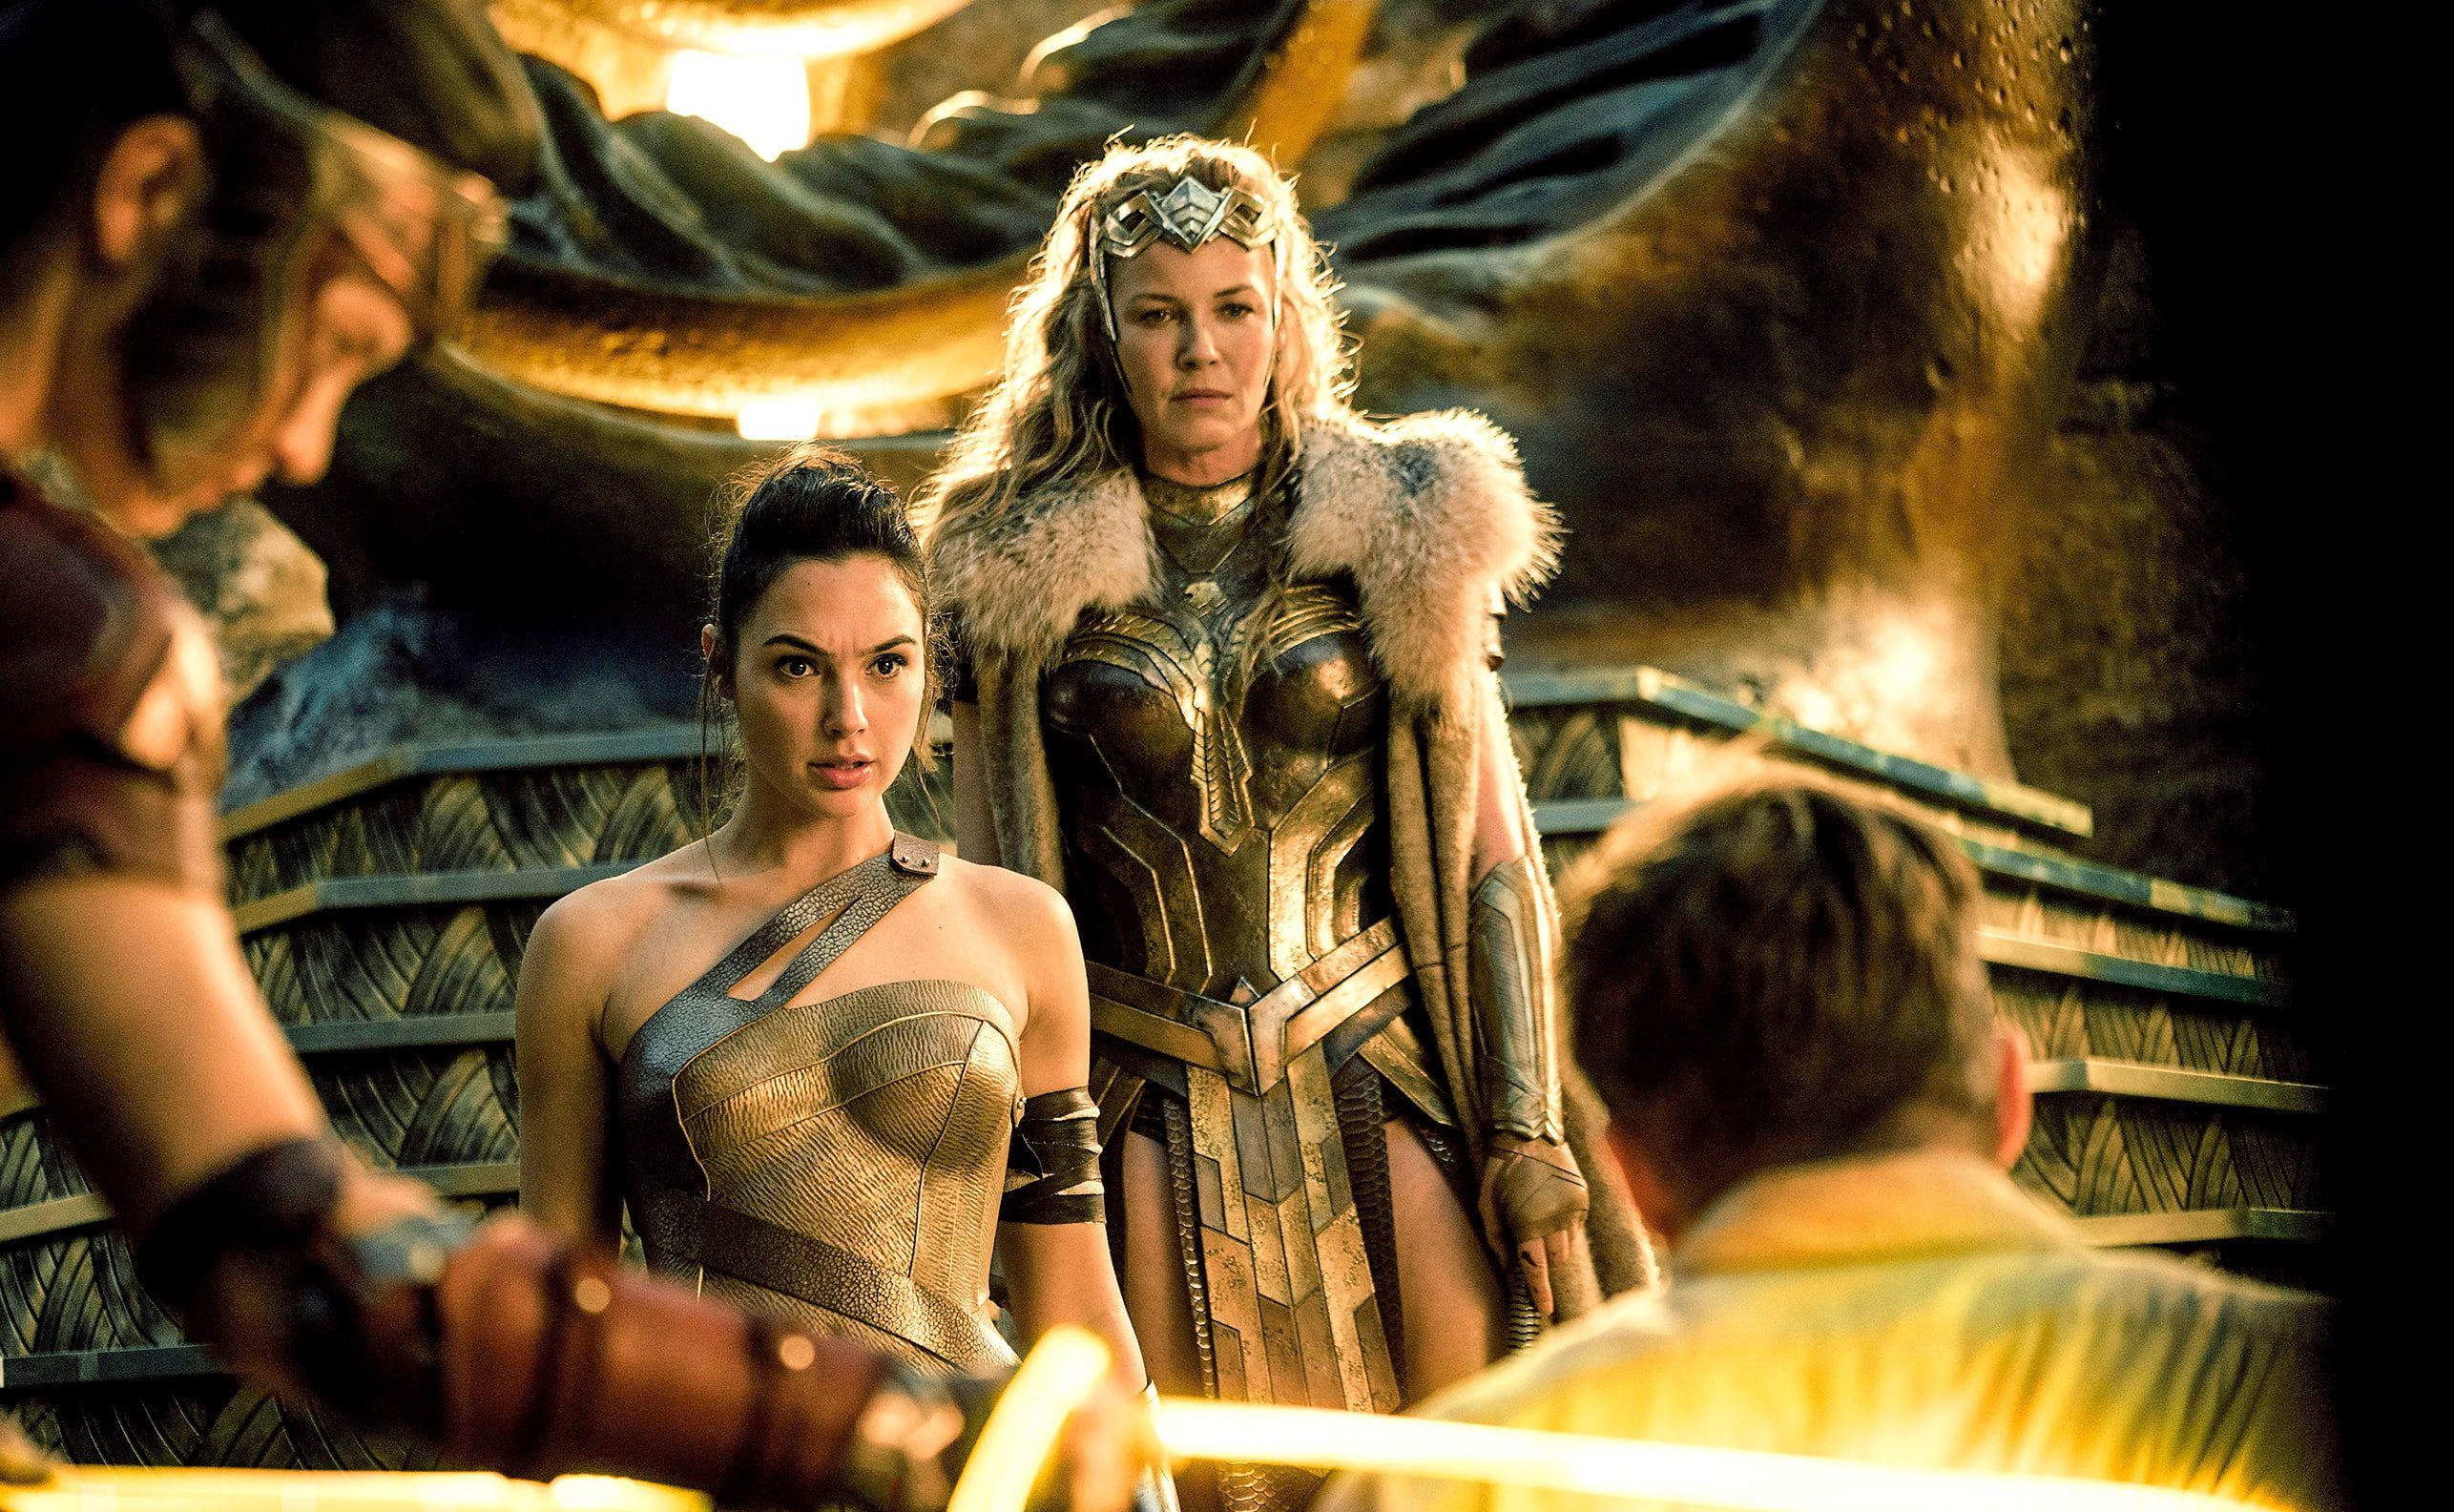 Wonder Woman Gal Gadot Connie Nielsen 2k Wallpaper Hdwallpaper Desktop Wonder Woman Wonder Woman Movie Wonder